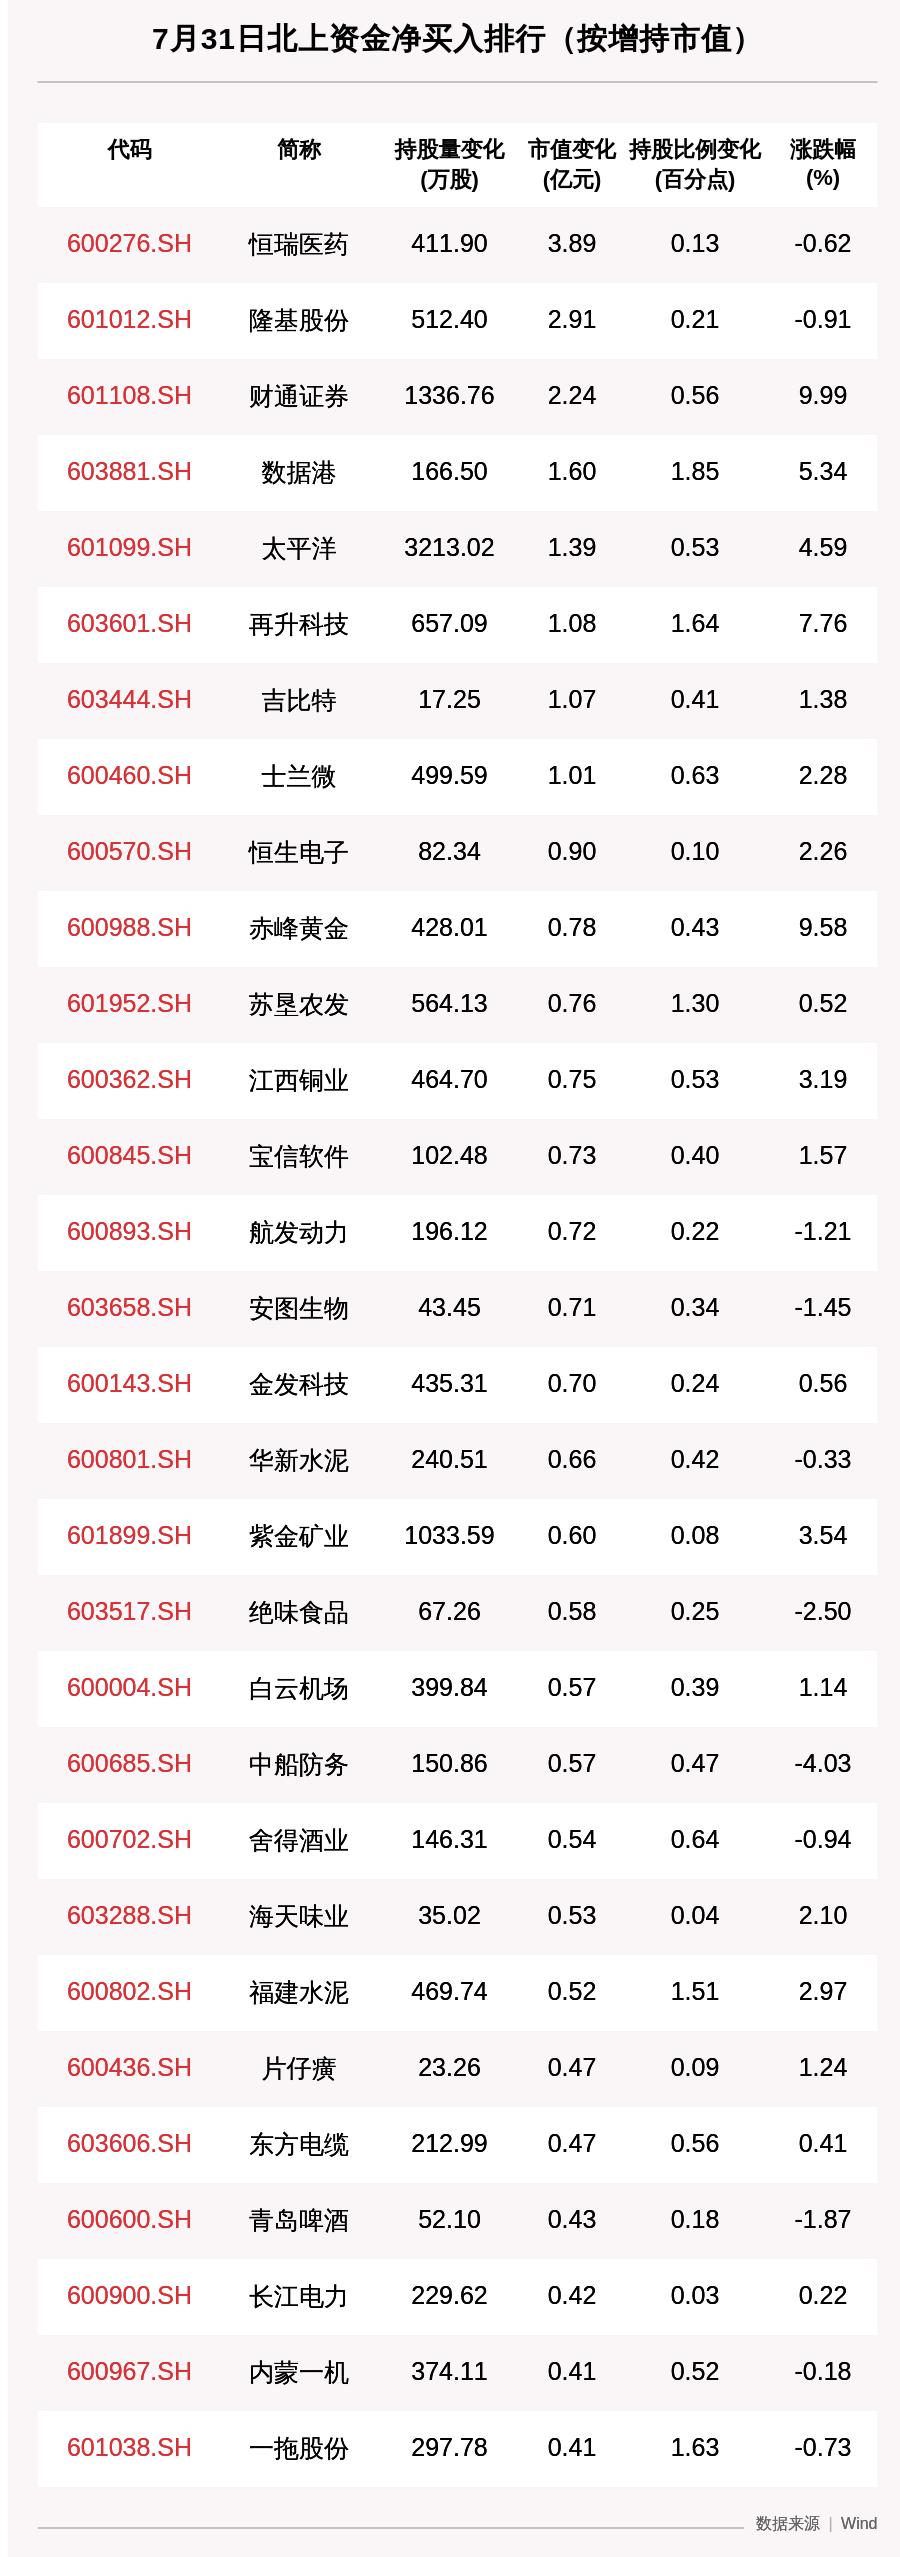 《北向资金动向曝光:7月31日这30只个股被猛烈扫货,恒瑞医药、隆基股份、财通证券获大额增持(附名单)》